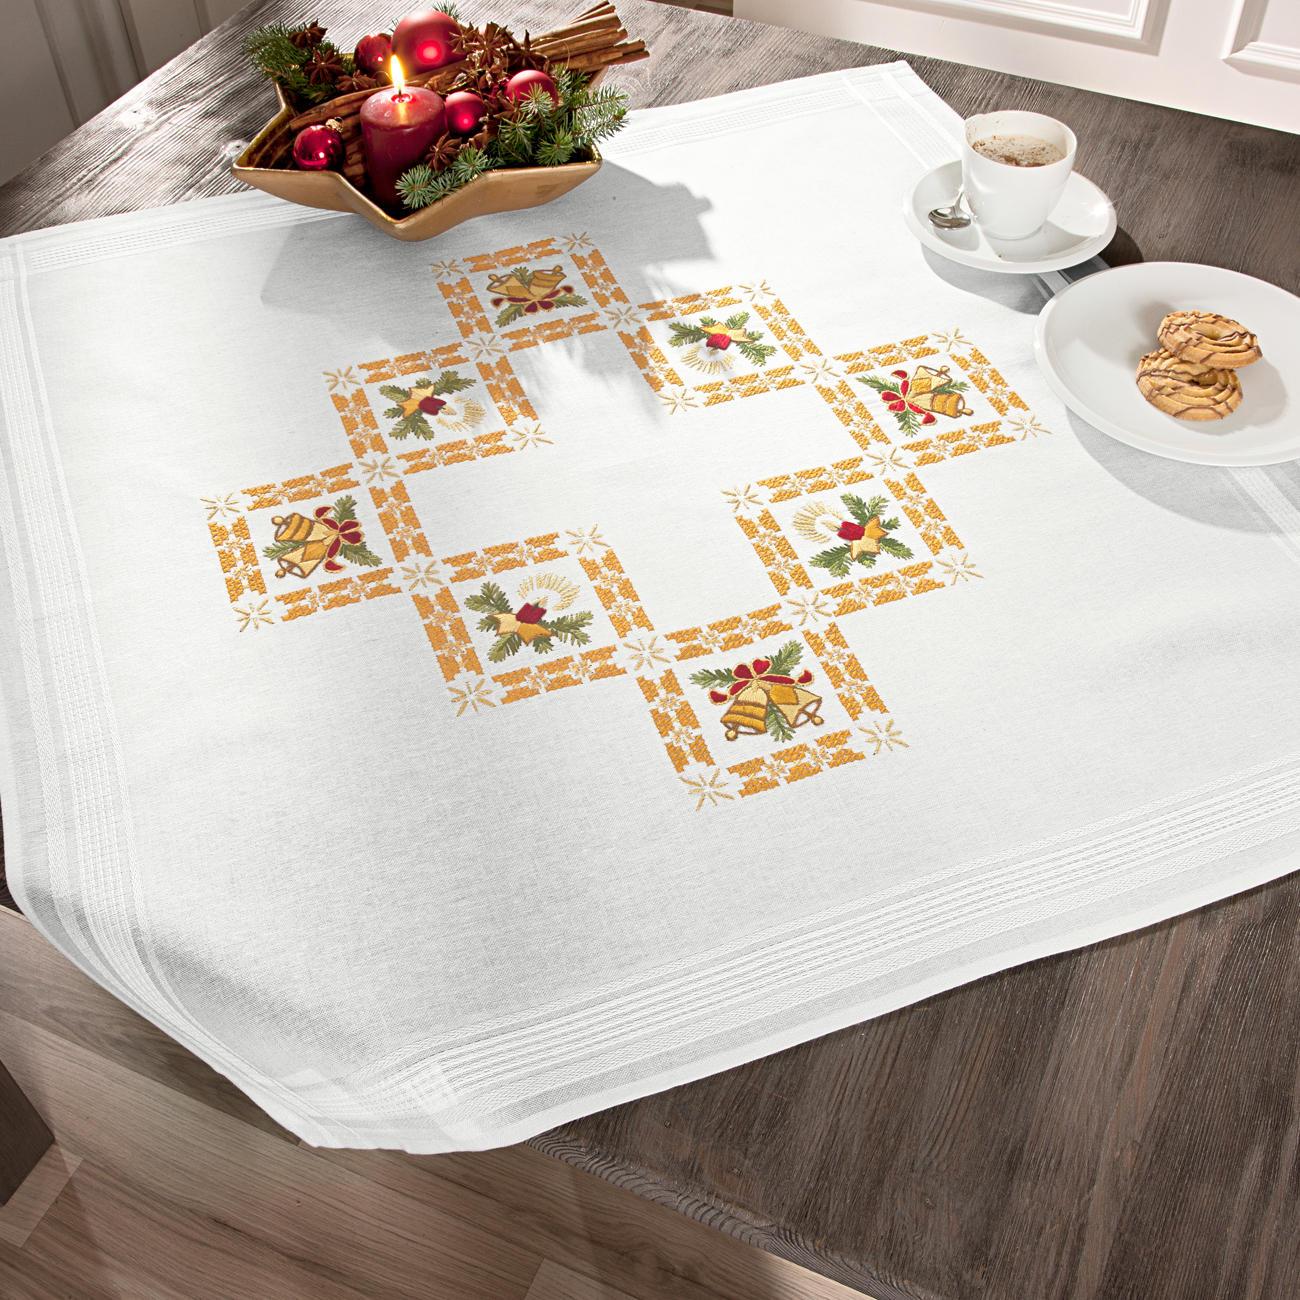 Weihnachtsbilder Klassisch.Tischwäsche Mit Eingewebtem Zierrand Weihnachtsbilder